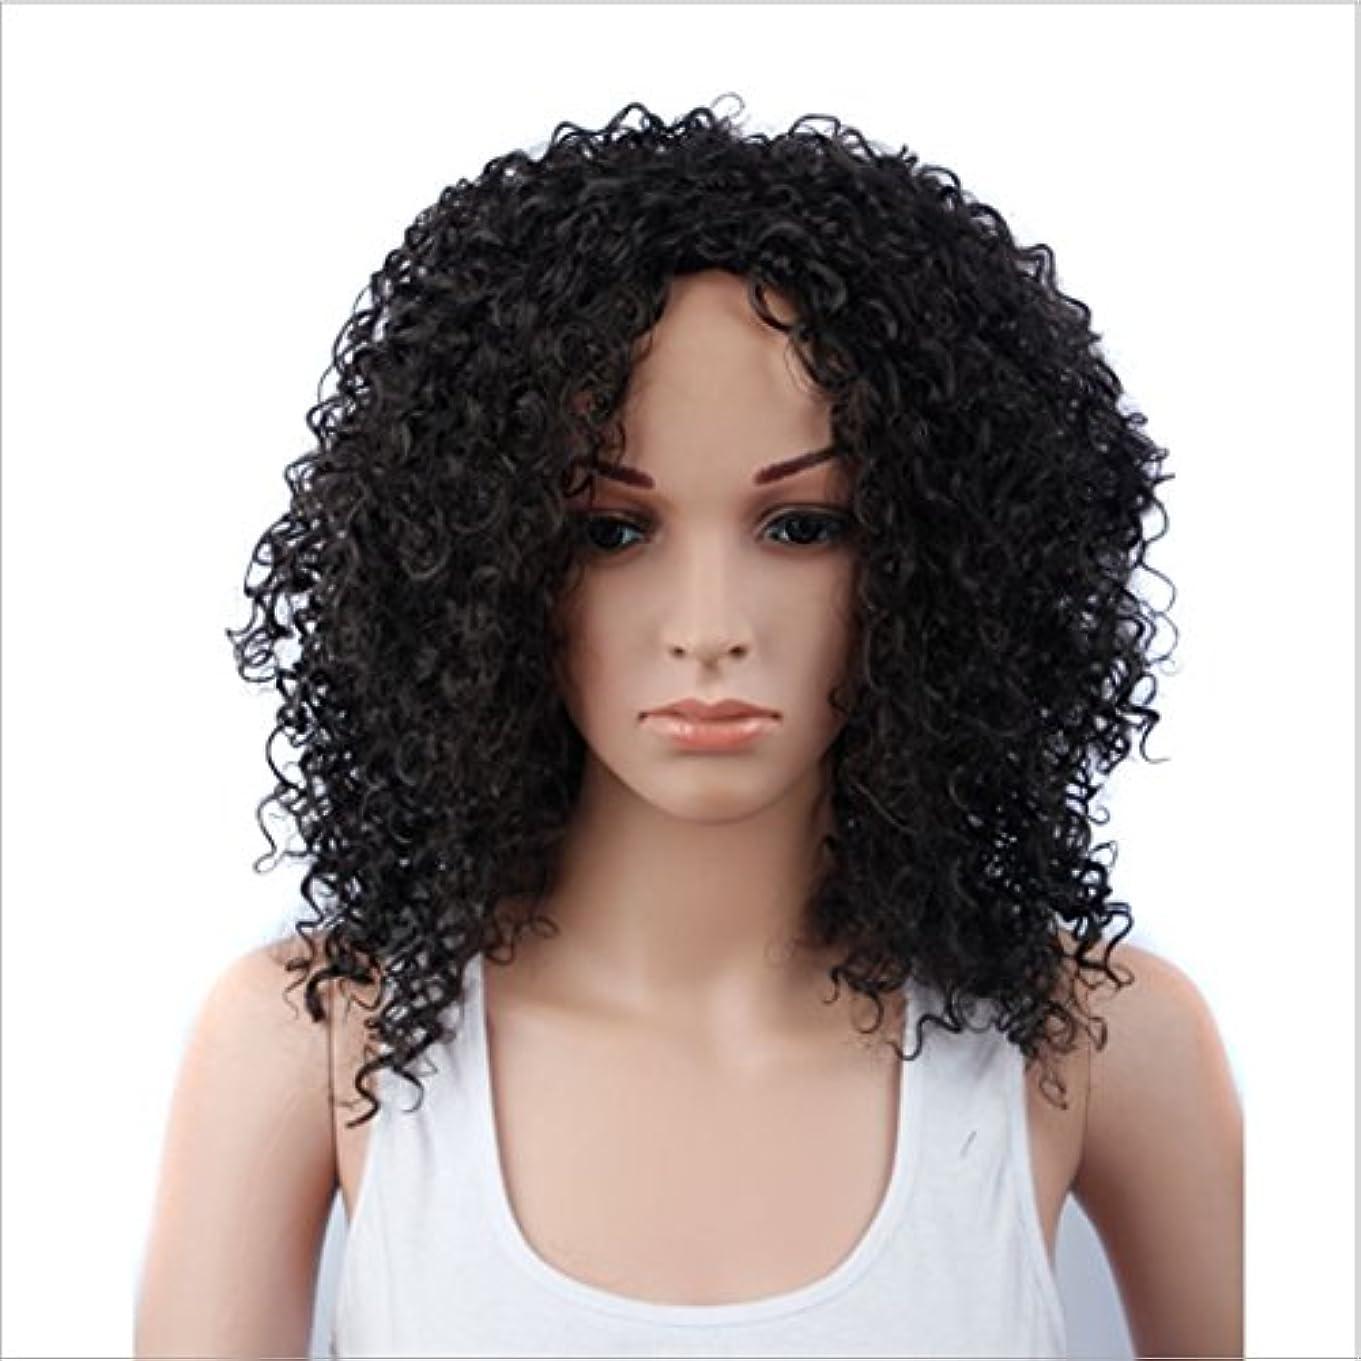 衣装セントバナナJIANFU 女性のための15inch合成高温ウィッグロングバンズの短いカーリーウィッグヘアナチュラルカラーウィッグ耐熱性210g(ワインレッド、ブラック) (Color : ブラック)